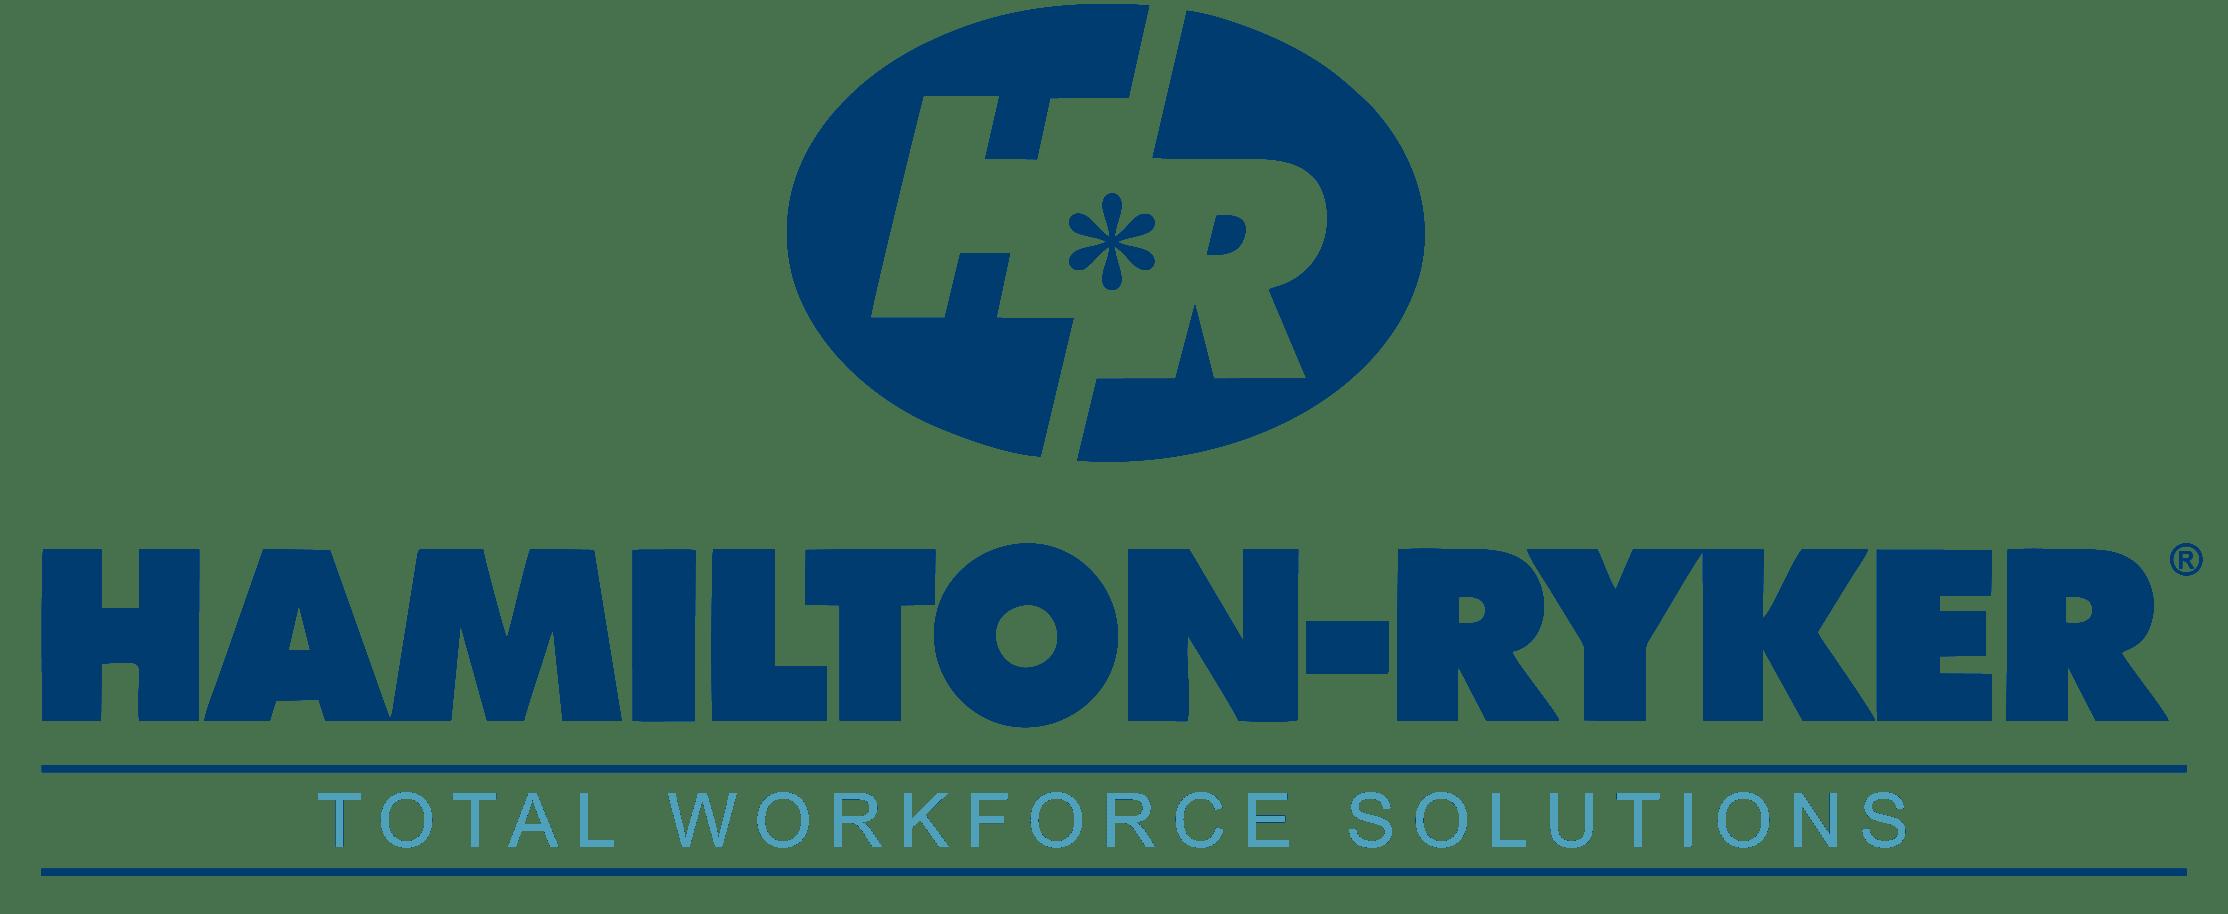 The Hamilton-Ryker Group logo